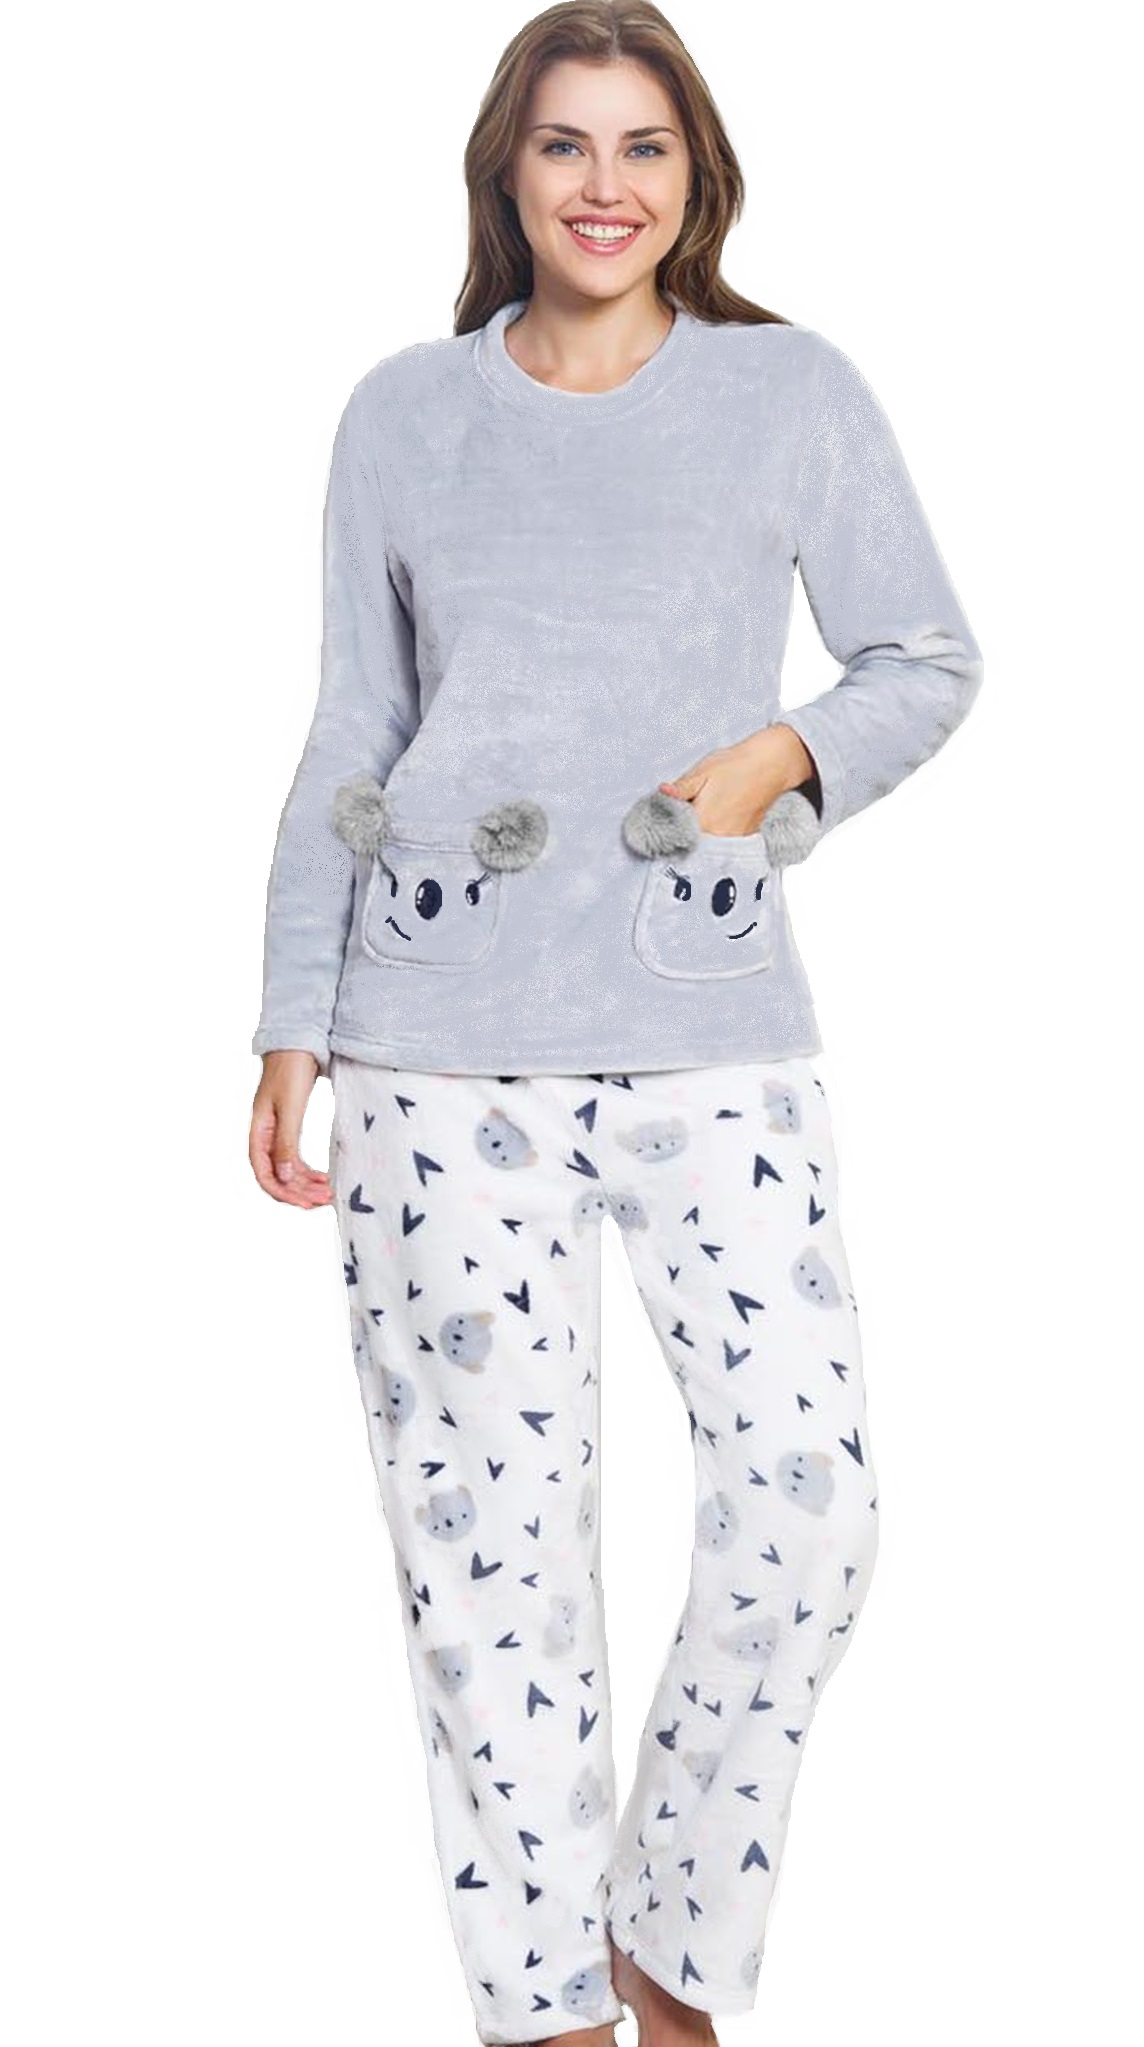 Pyžamo extra teplé pro ženy Koala